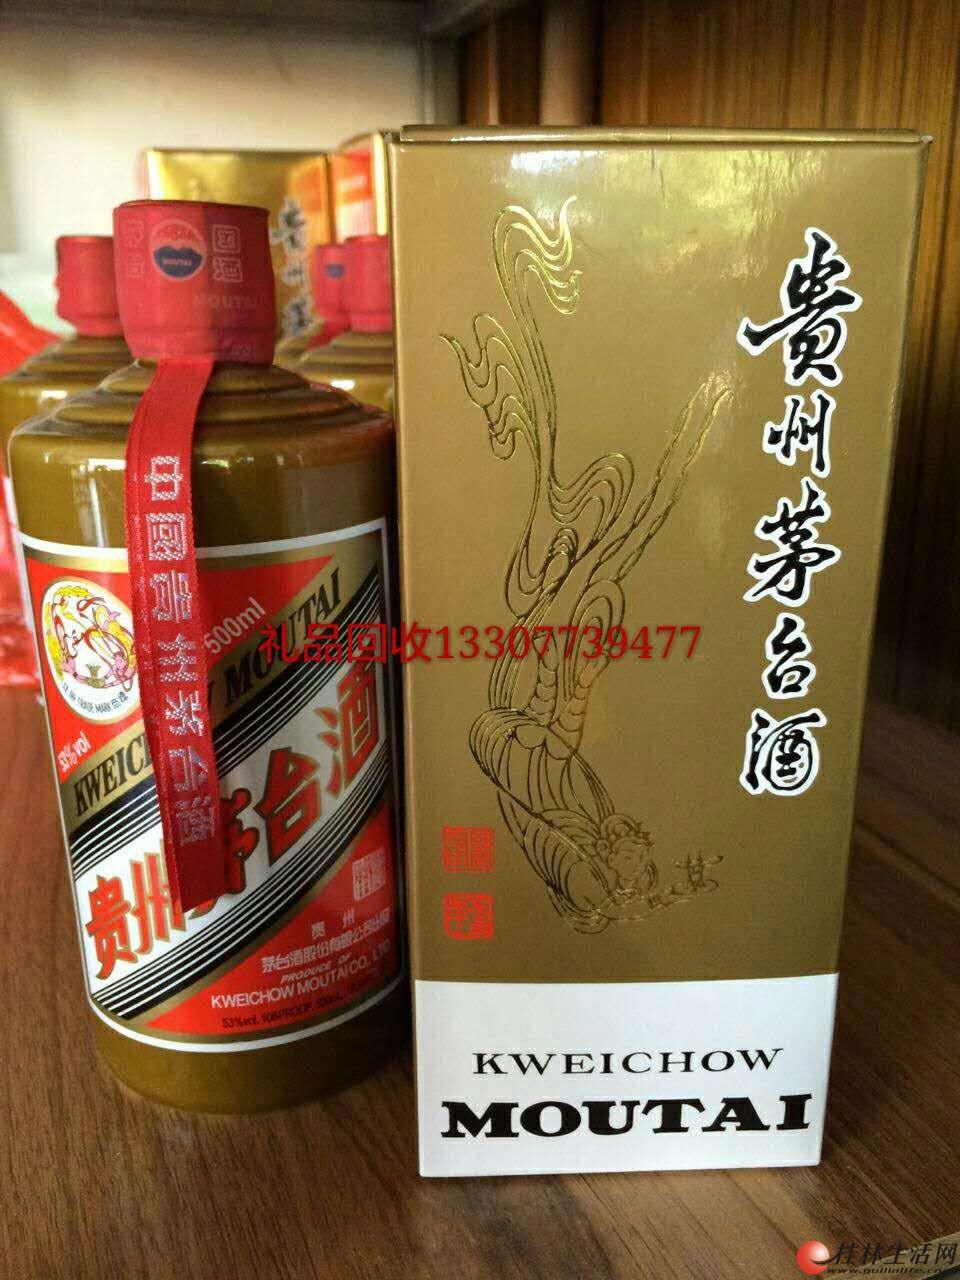 桂林地区现金高价回收礼品、白酒老酒洋酒、片仔癀颗粒,冬虫夏草等礼品~!